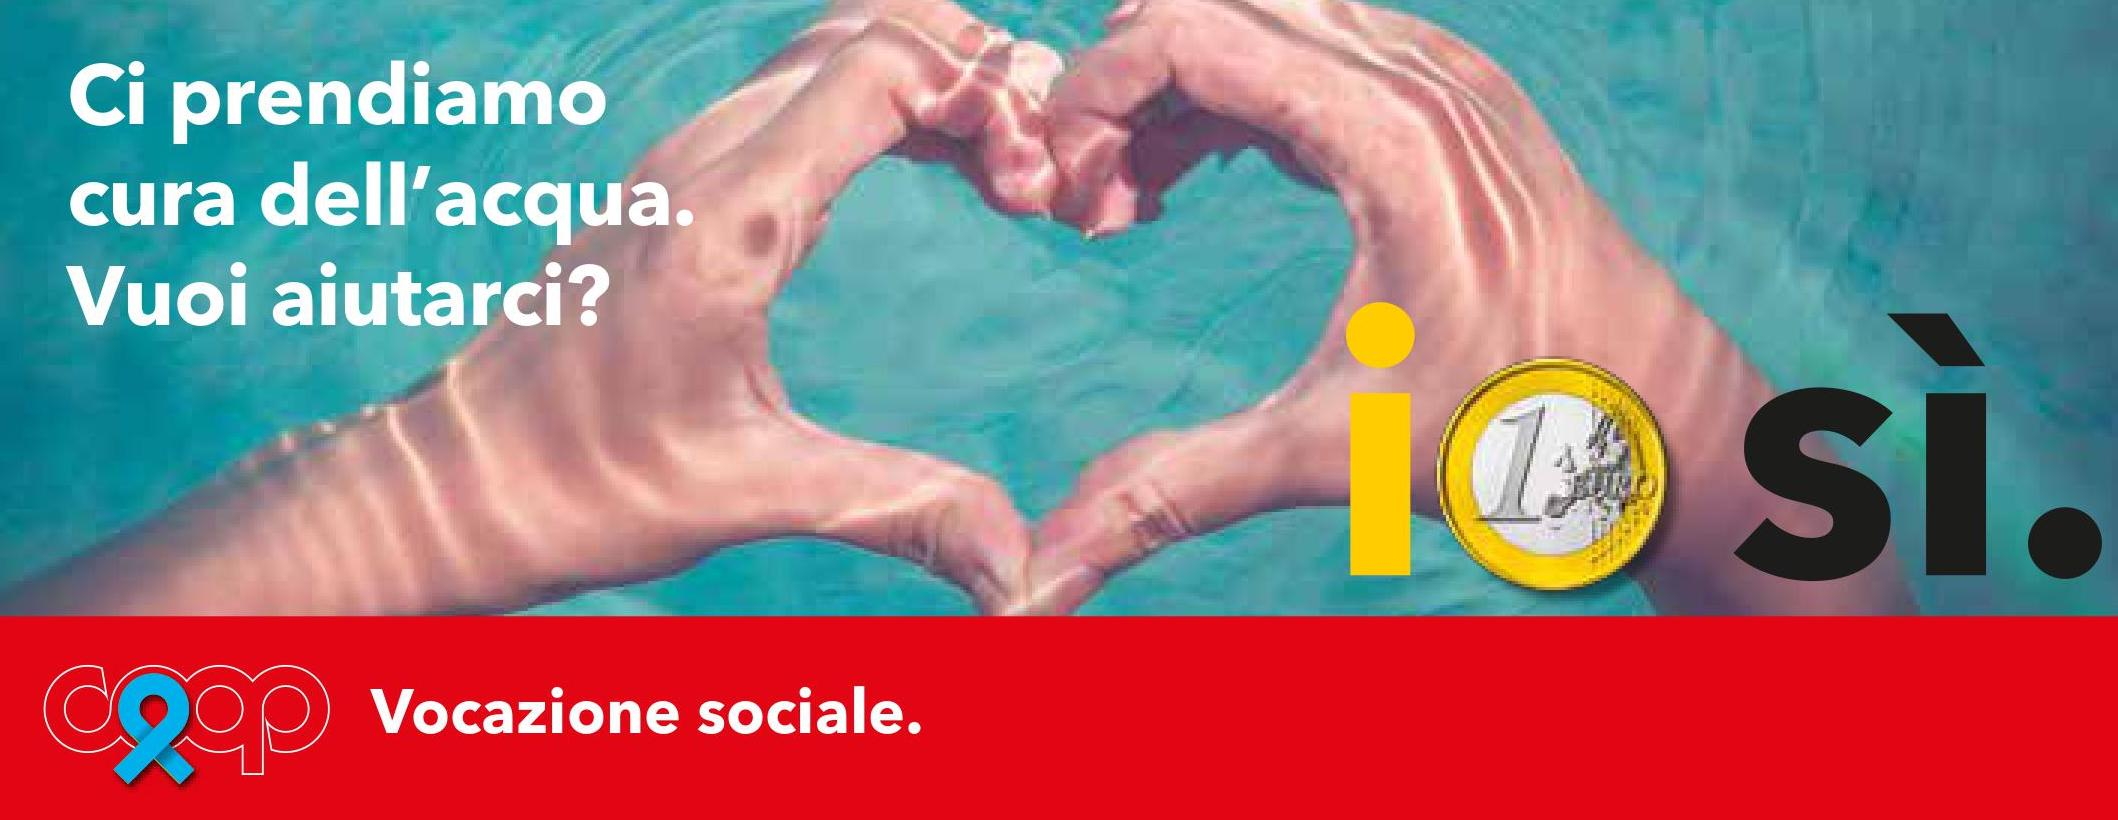 """""""Io sì"""": Coop Alleanza 3.0 sostiene progetti ambientali in difesa dell'acqua. Otto le iniziative tra Modena e Ferrara"""